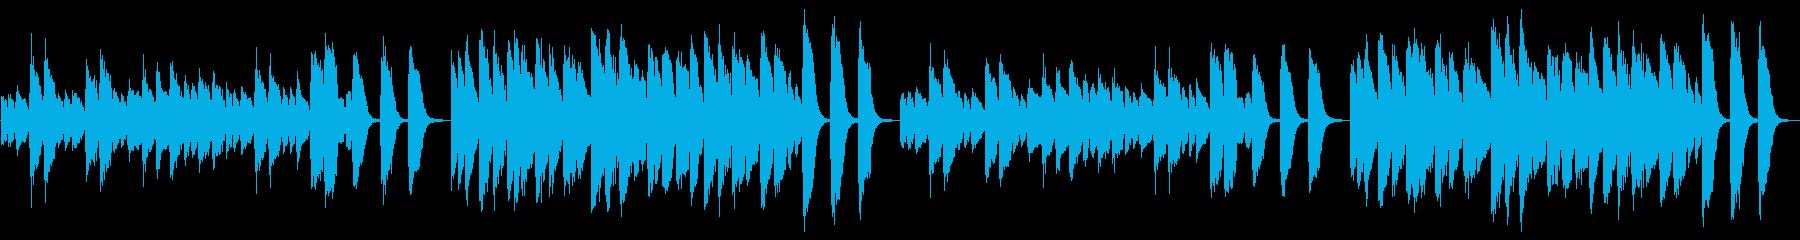 3分クッキングの原曲(ピアノソロ)ループの再生済みの波形